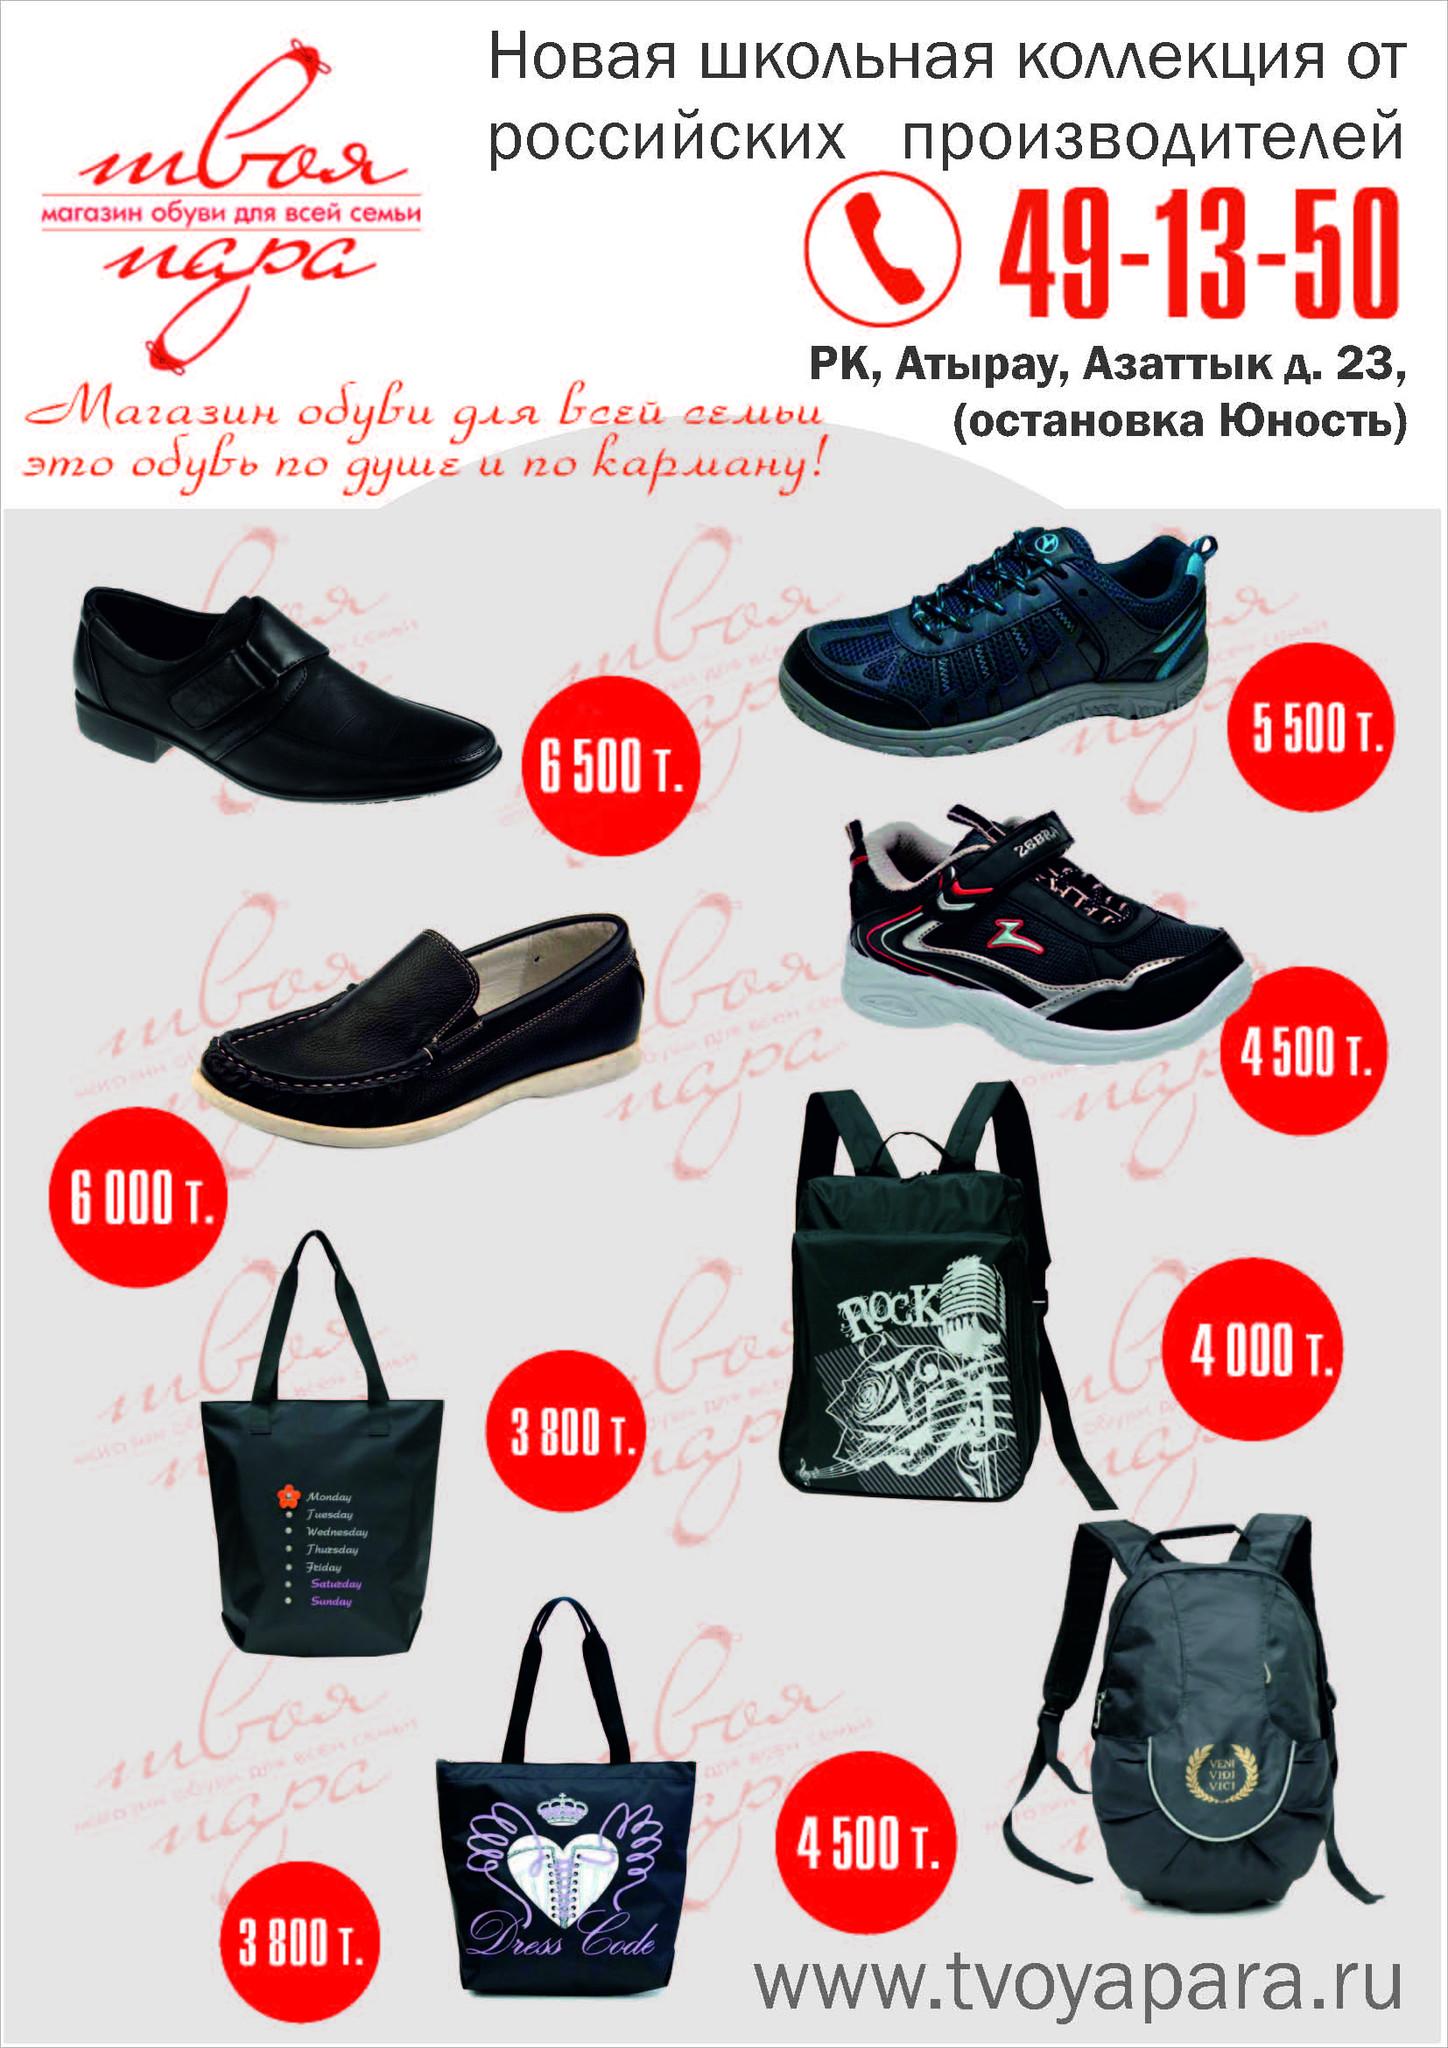 Дешевая Одежда И Обувь Доставка